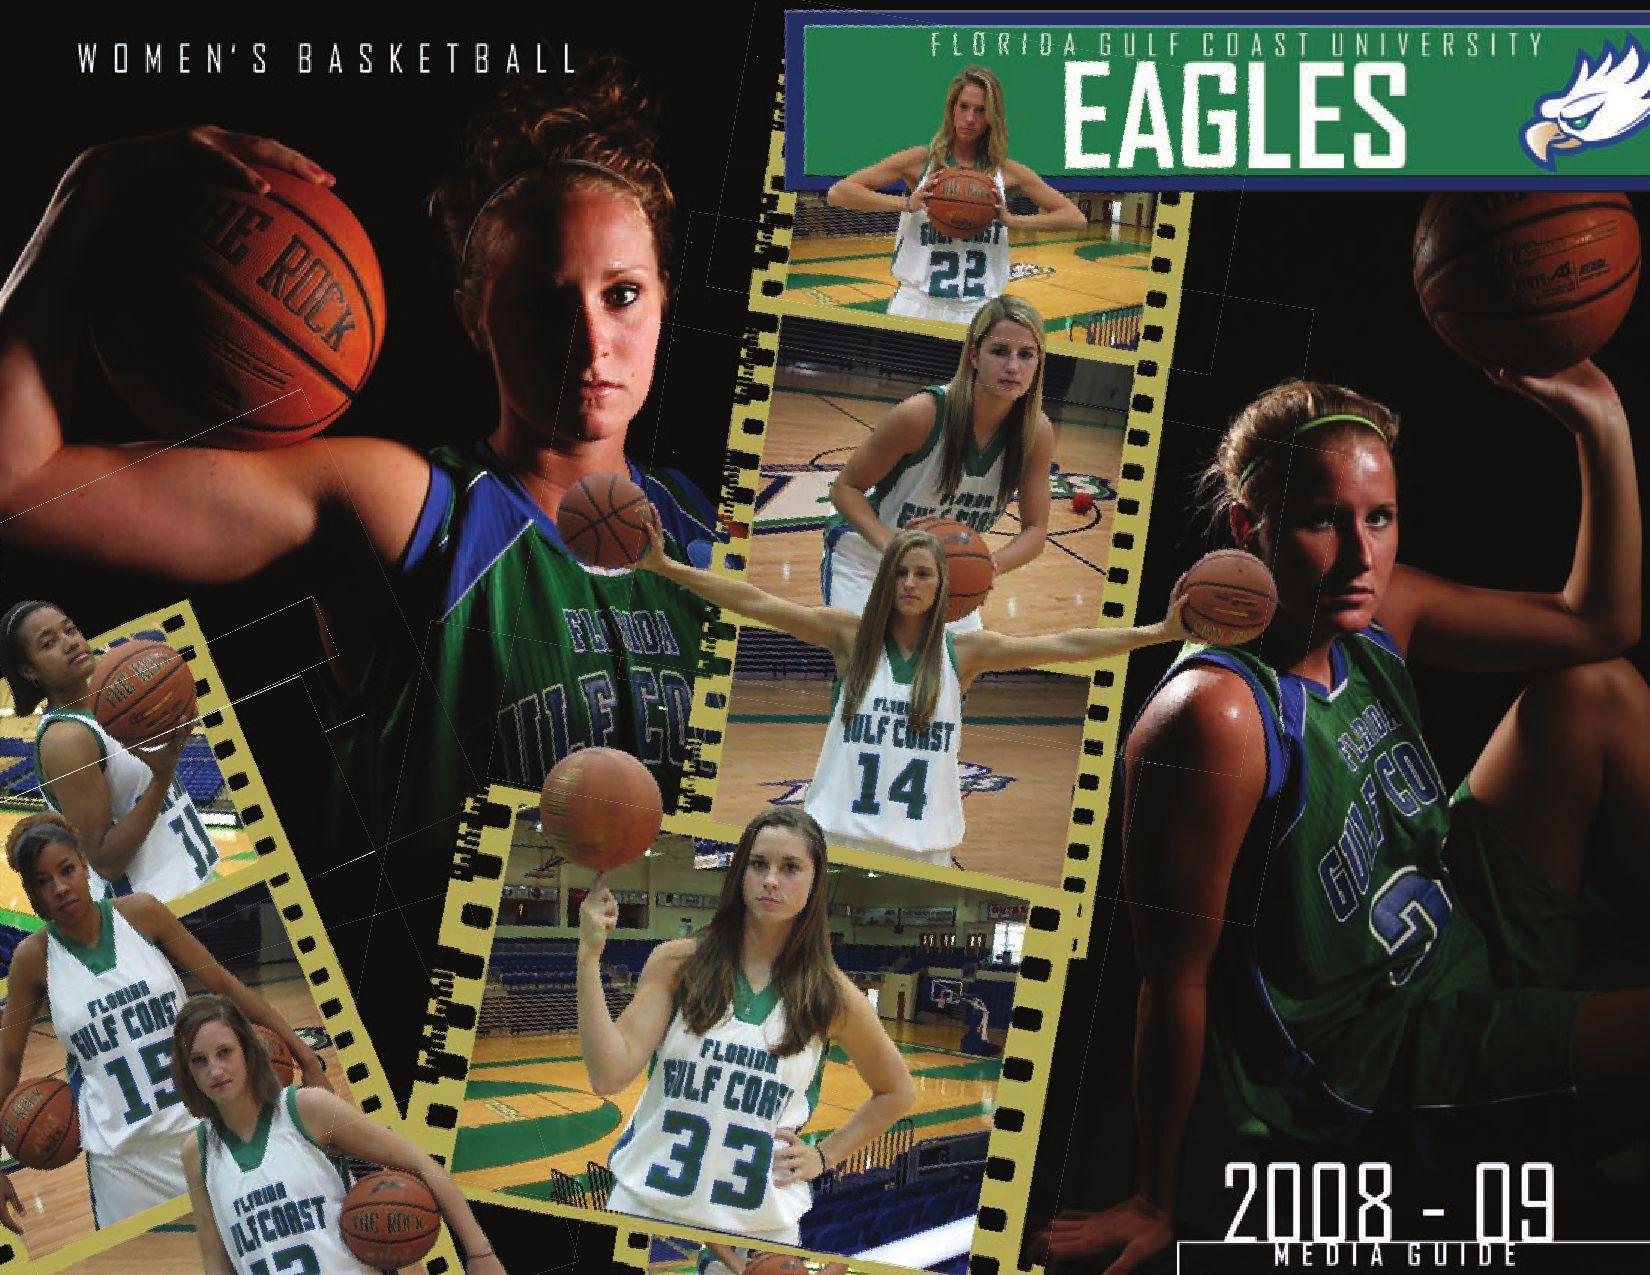 2008 09 FGCU Women s Basketball Media Guide by FGCU Athletics issuu